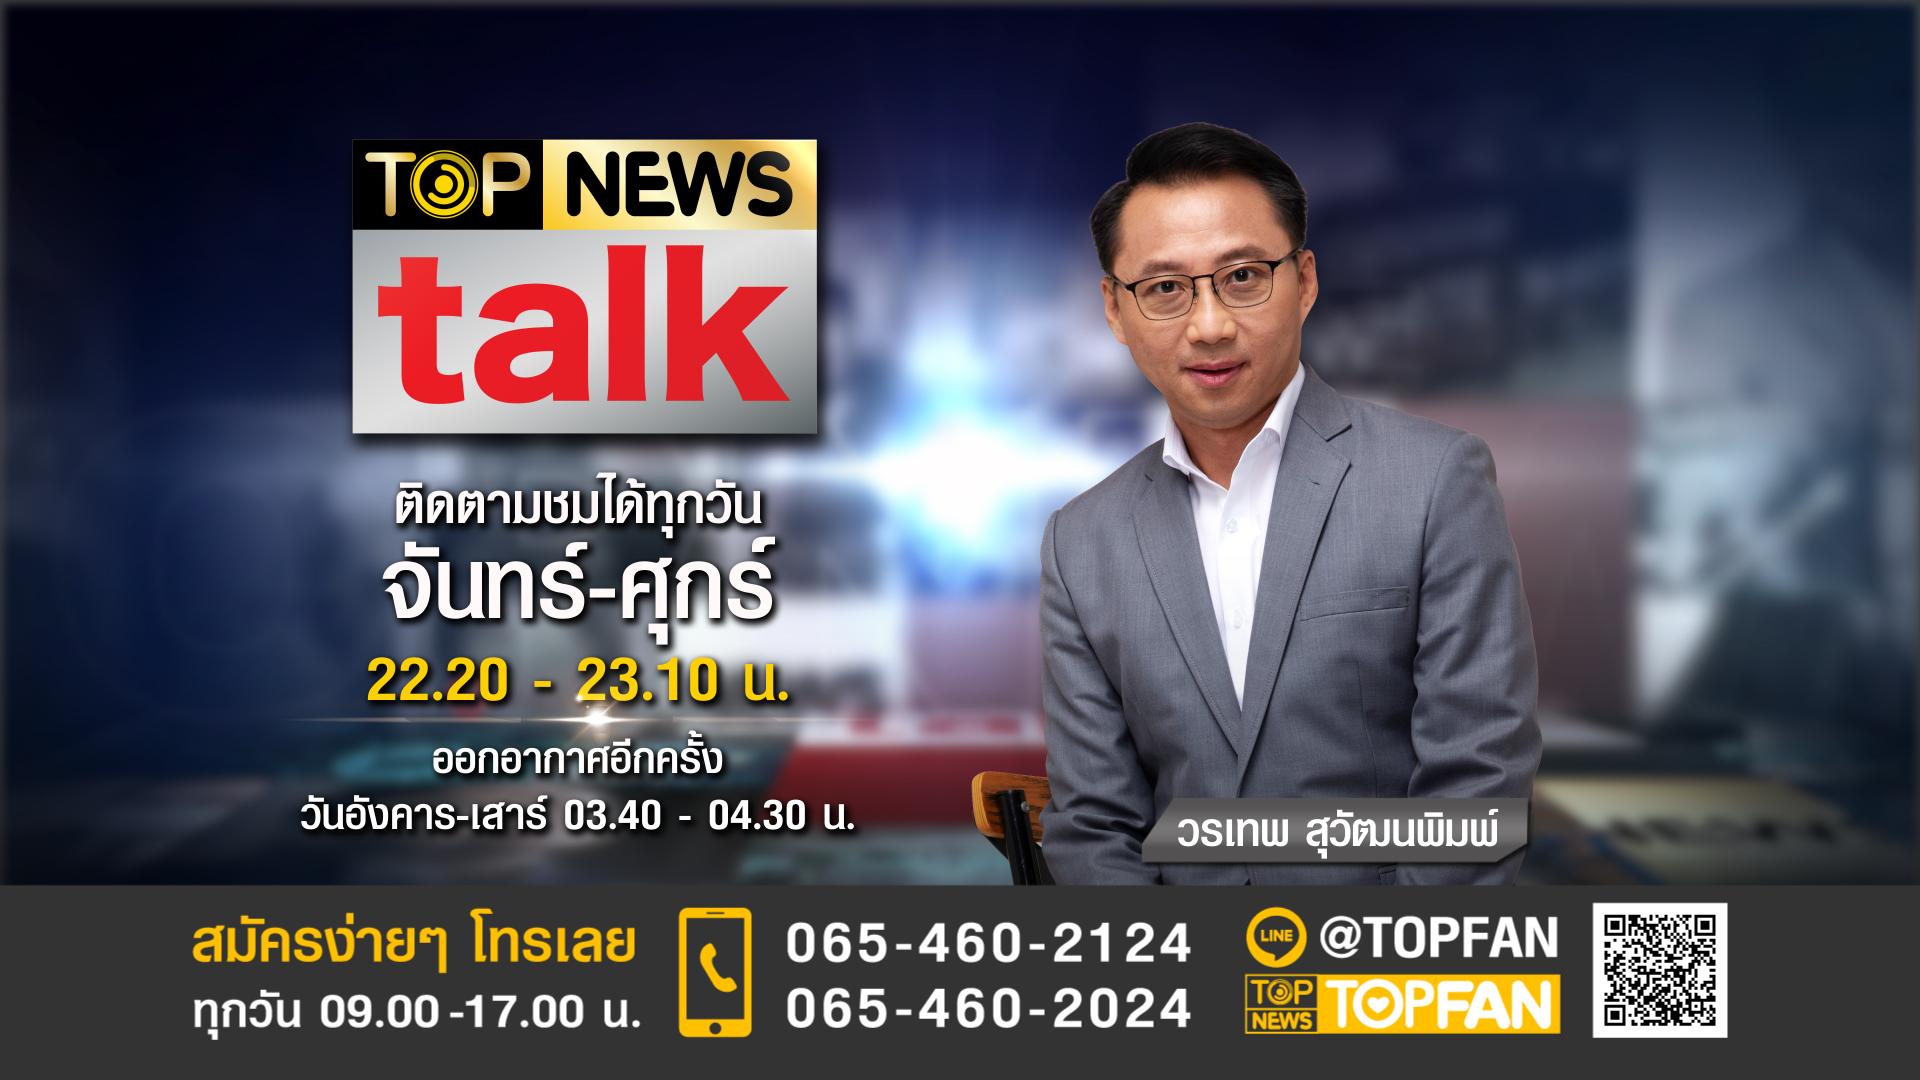 TOP NEWS TALK | 24 กันยายน 2564